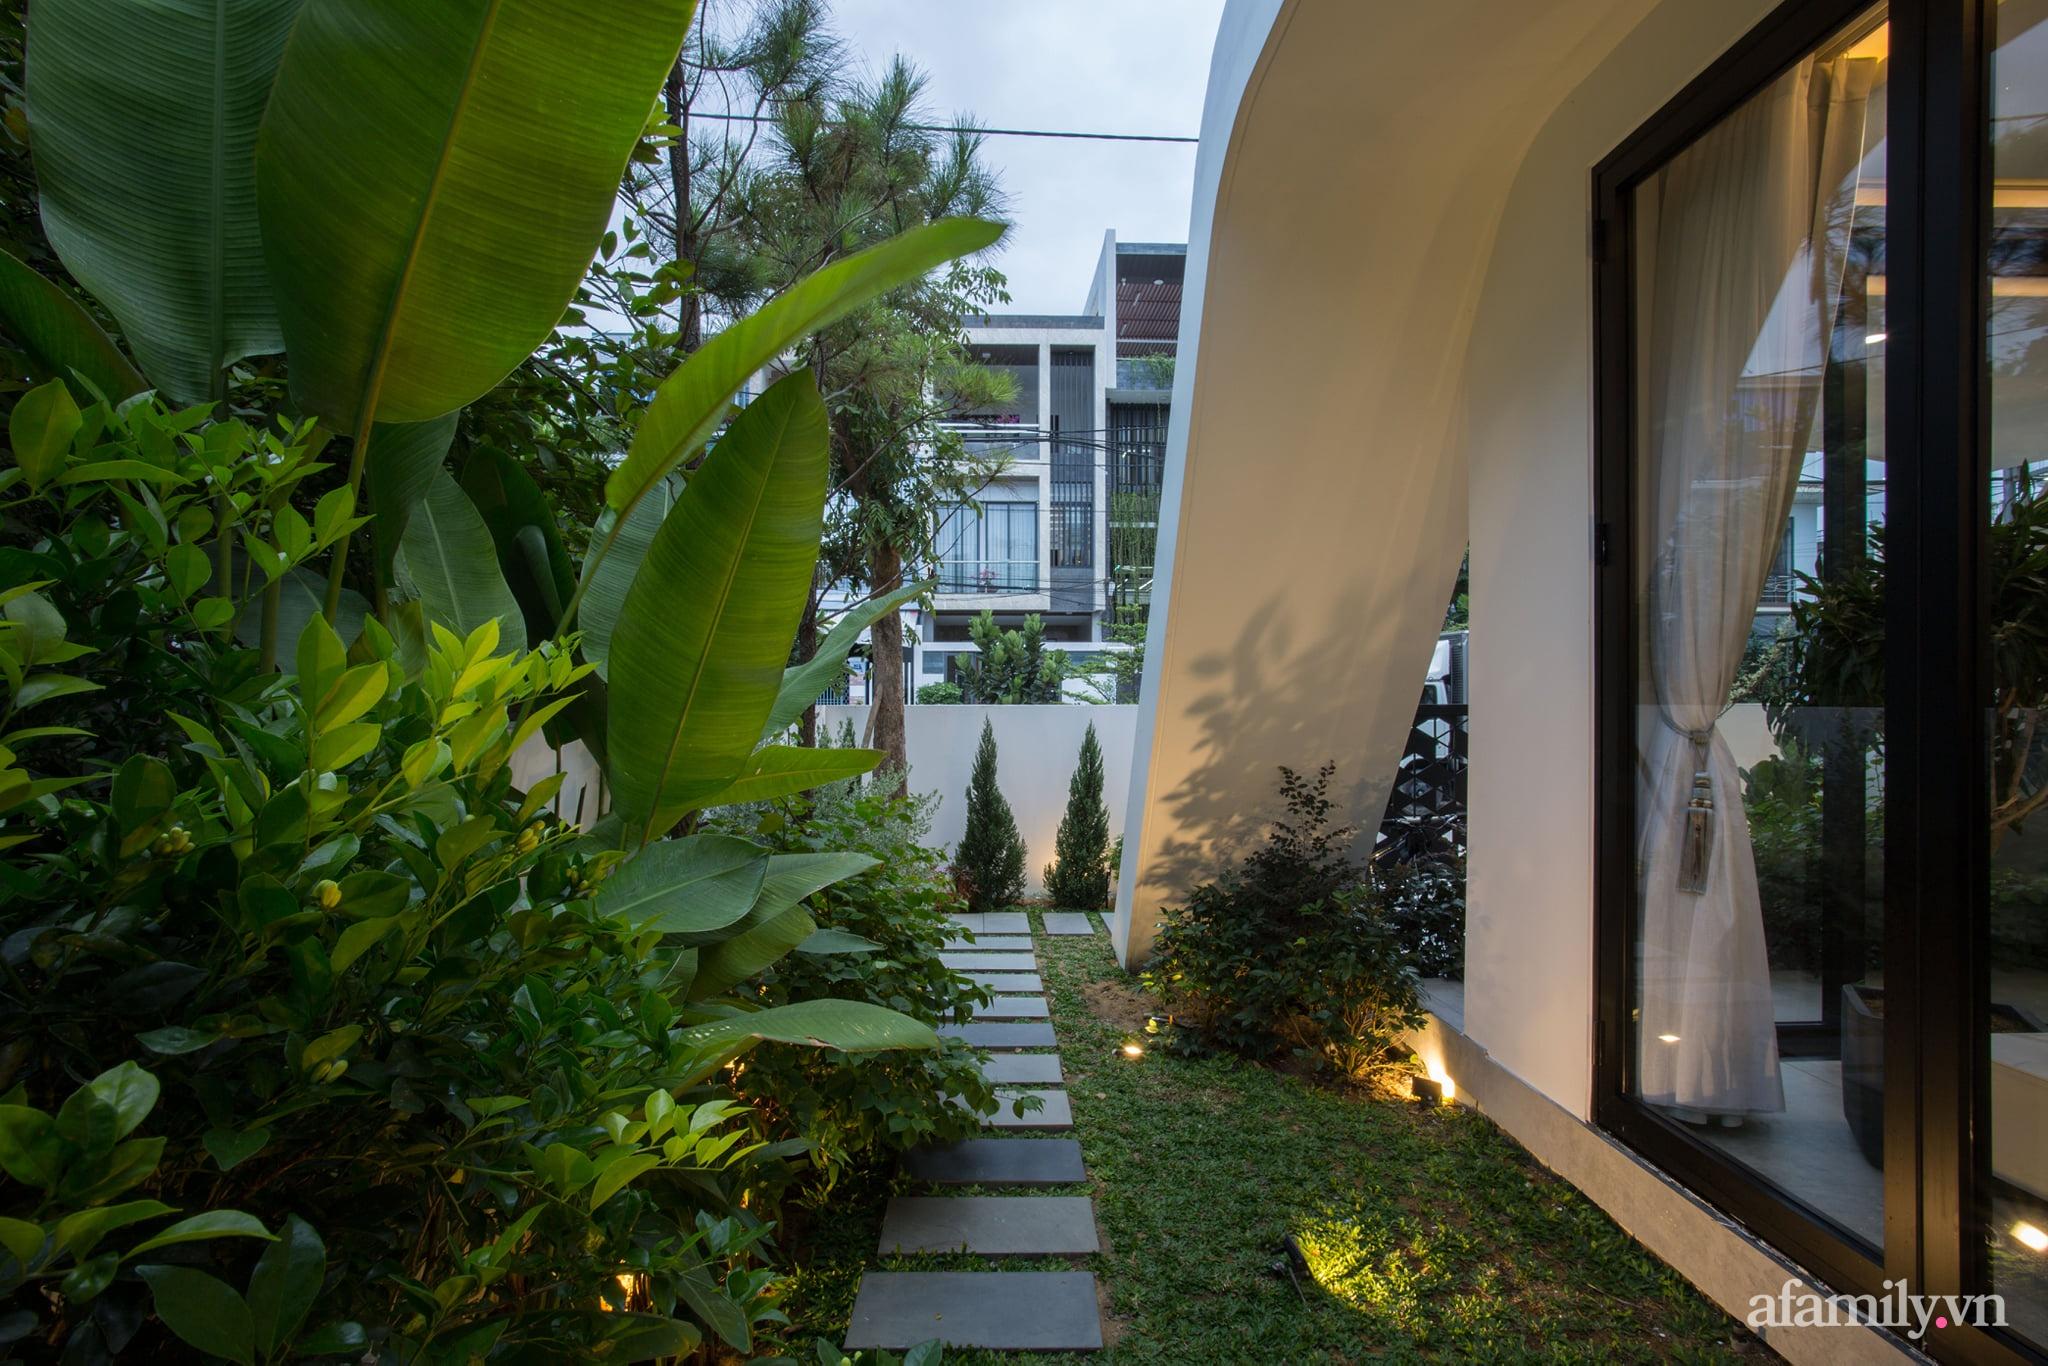 Nhà phố độc lạ được thiết kế lấy cảm hứng từ phi thuyền ở Đà Nẵng - Ảnh 9.